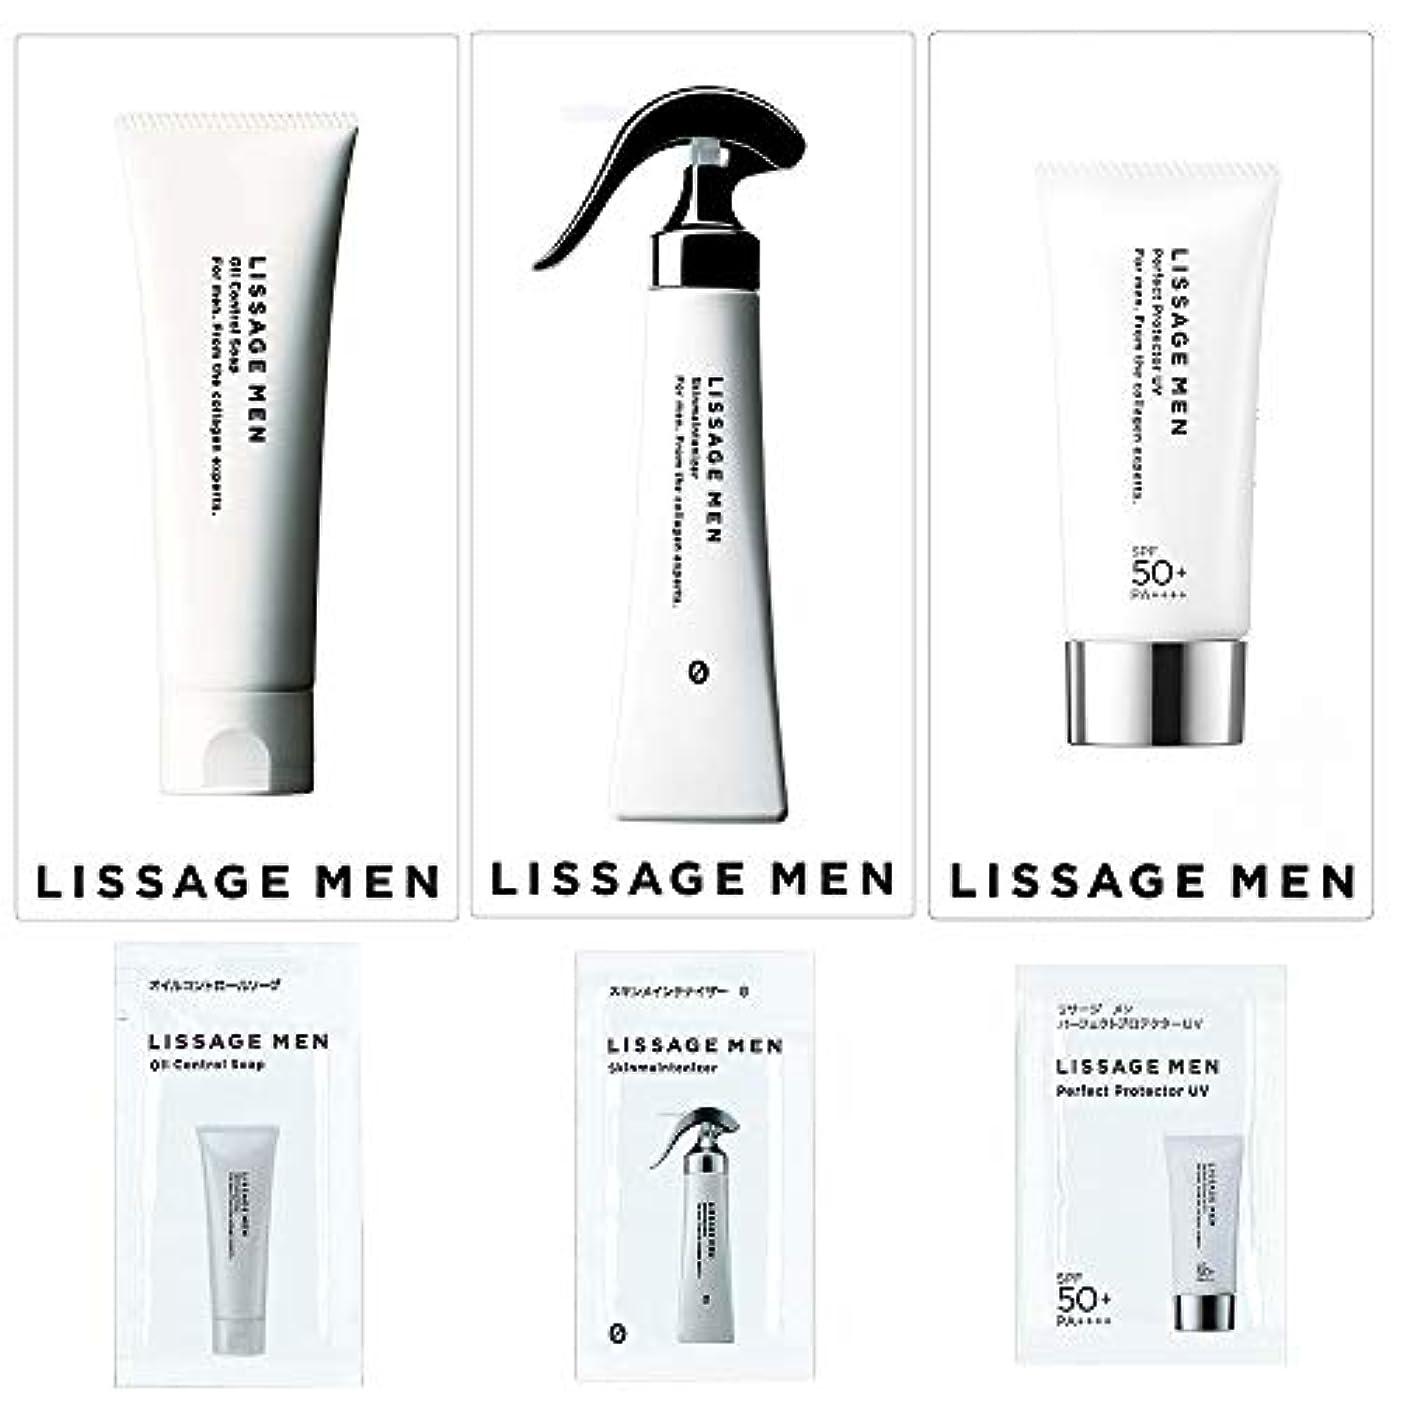 ずっと社説指リサージメン メンズ フェイスケア 3点セット 洗顔&化粧水&UV(サンプルセット) 【実質無料サンプルストア対象】